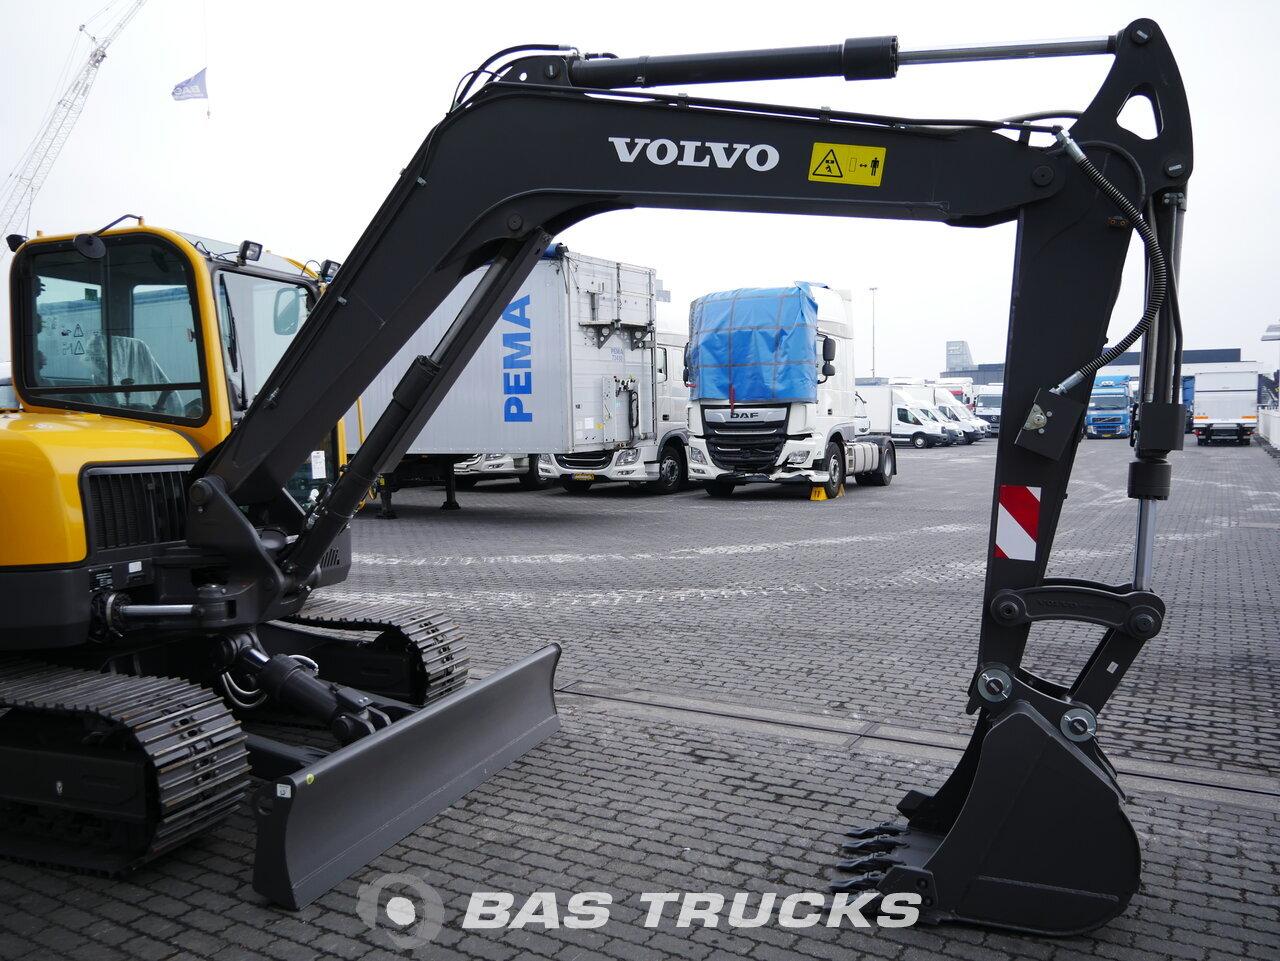 foto di Usato Macchine Movimento Terra Volvo ECR88 Track 2018